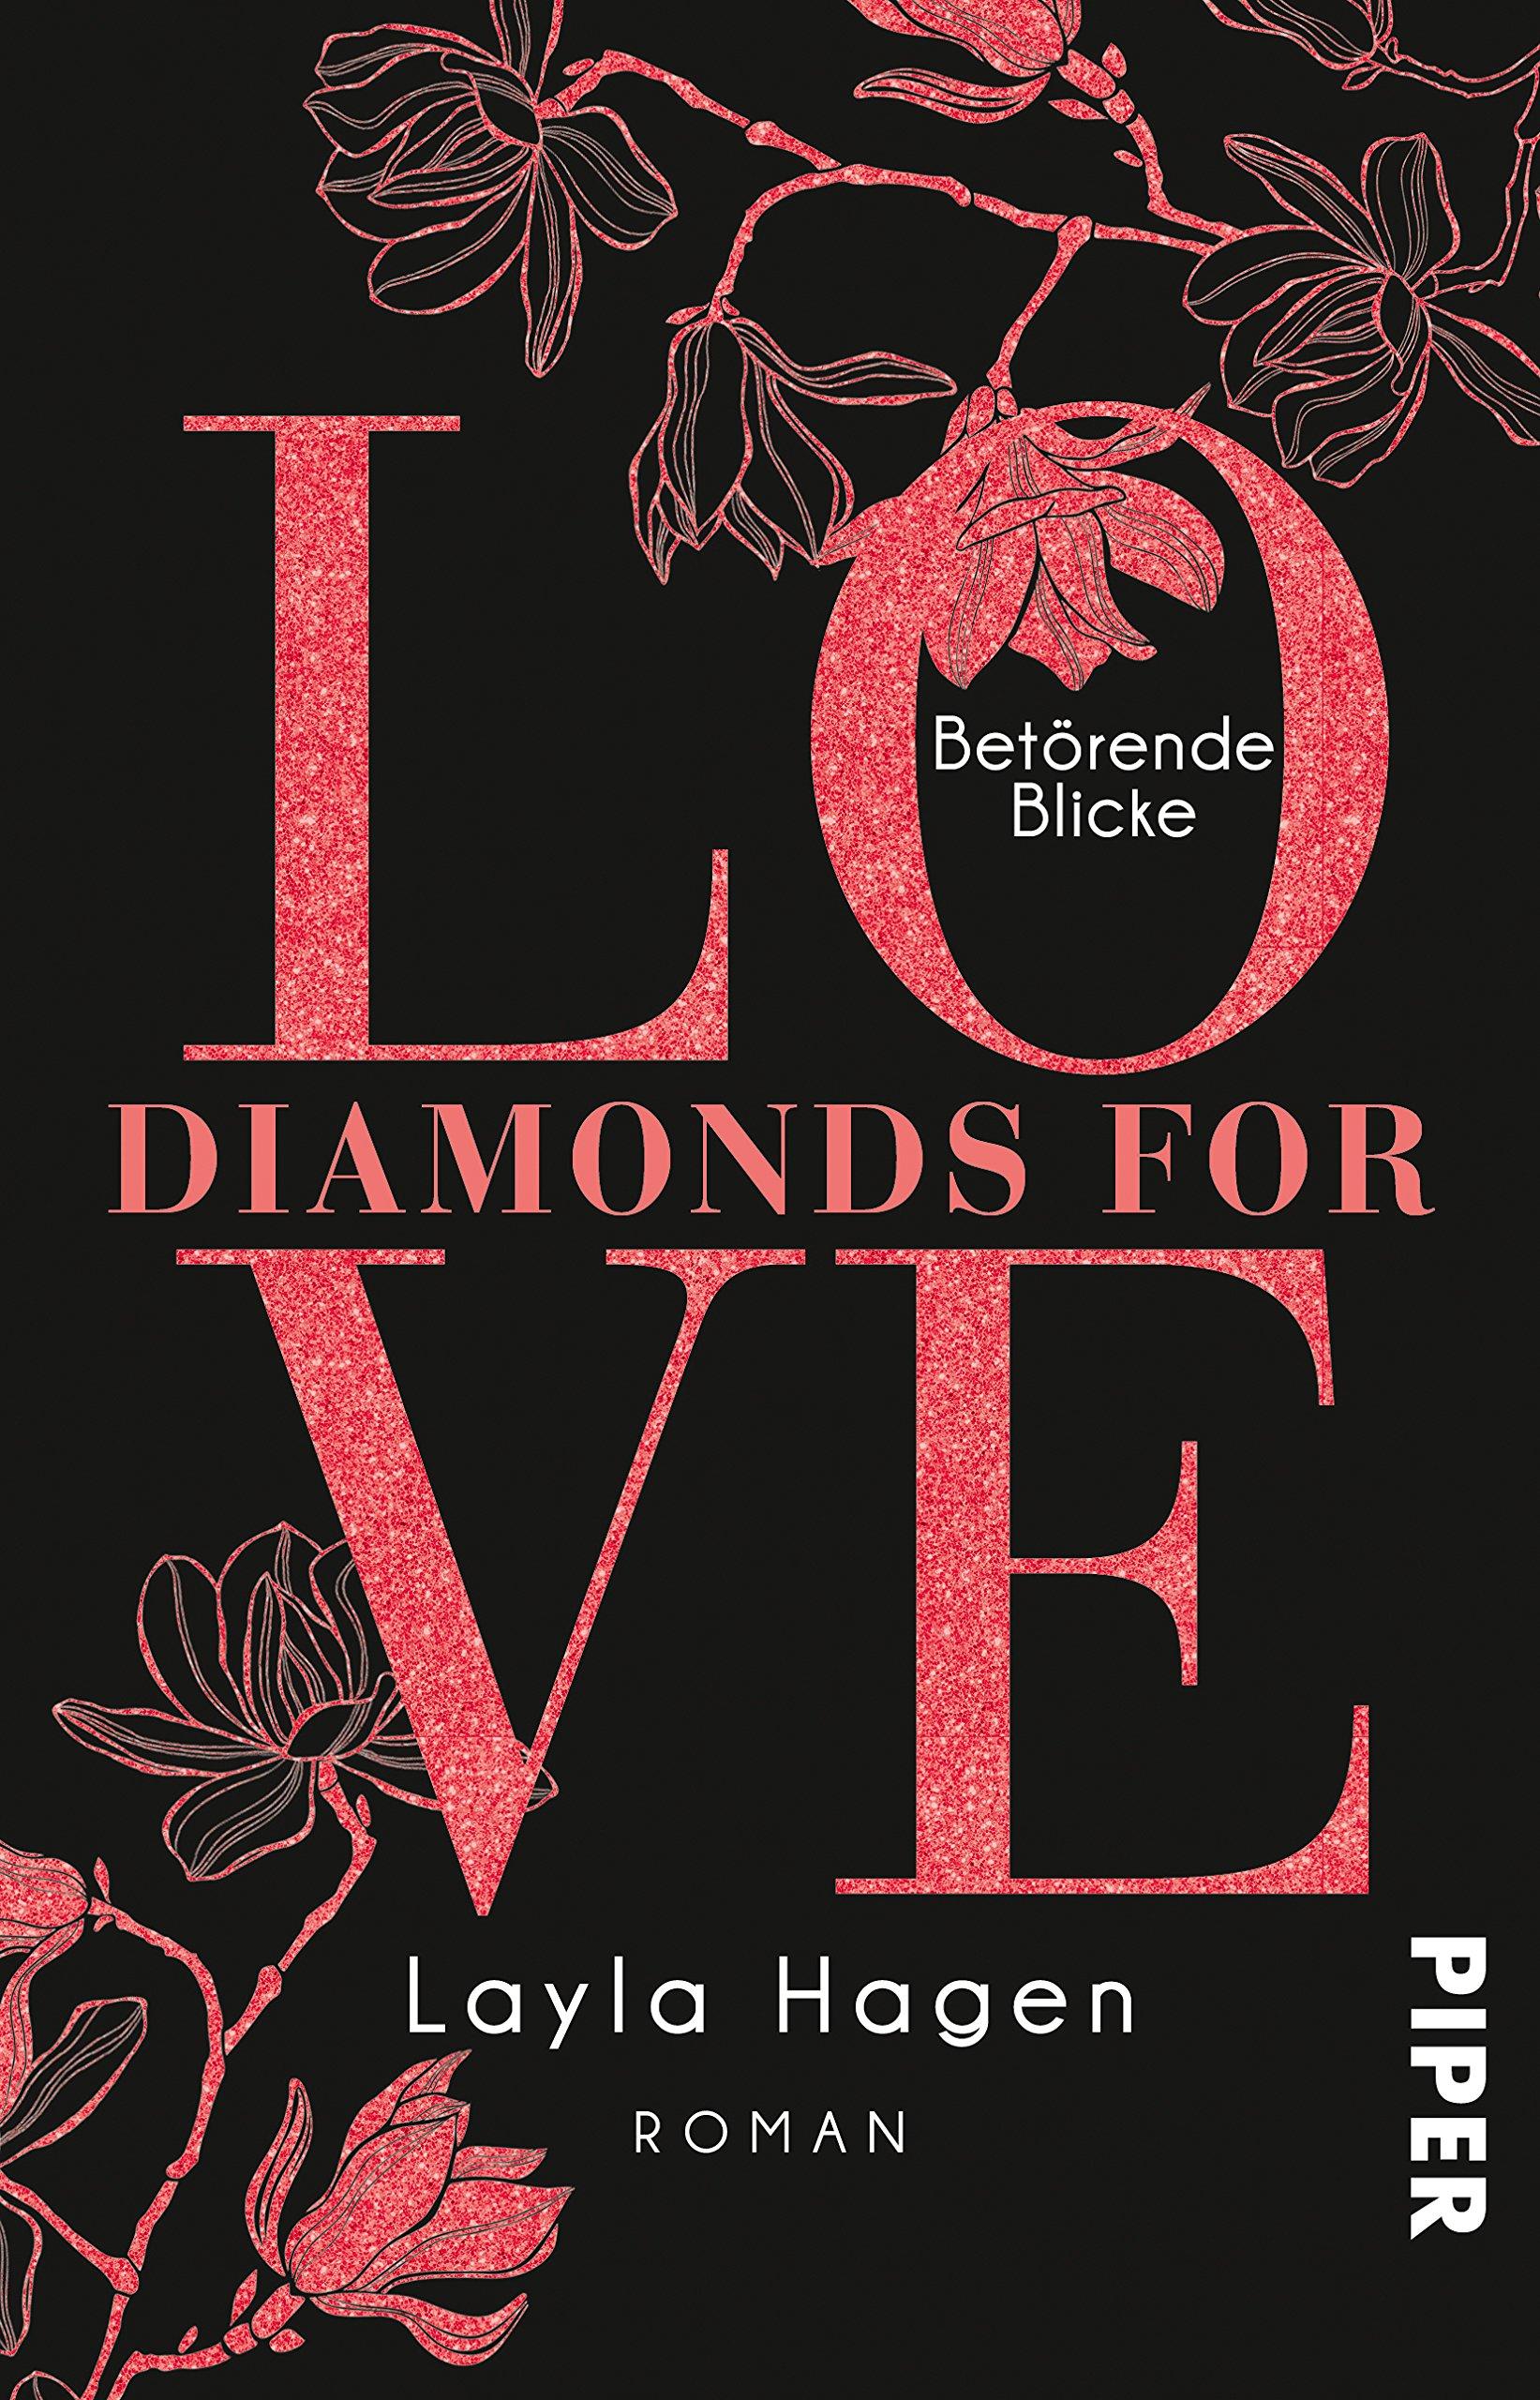 Diamonds For Love – Betörende Blicke: Roman Taschenbuch – 4. Dezember 2018 Layla Hagen Vanessa Lamatsch Piper Taschenbuch 3492313957